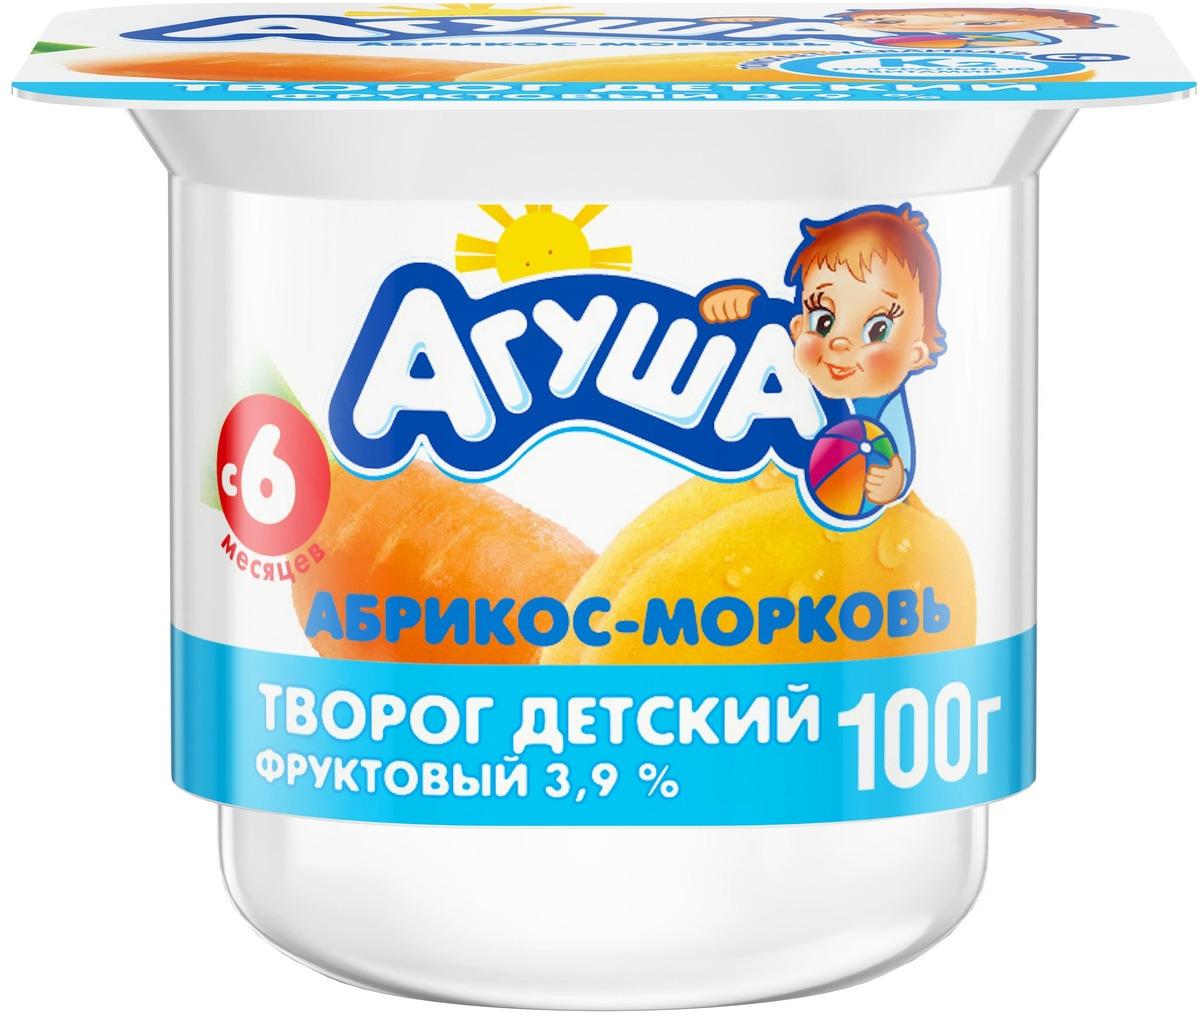 Творог фруктовый 3,9% с 6 месяцев Агуша Абрикос-Морковь, 100 г